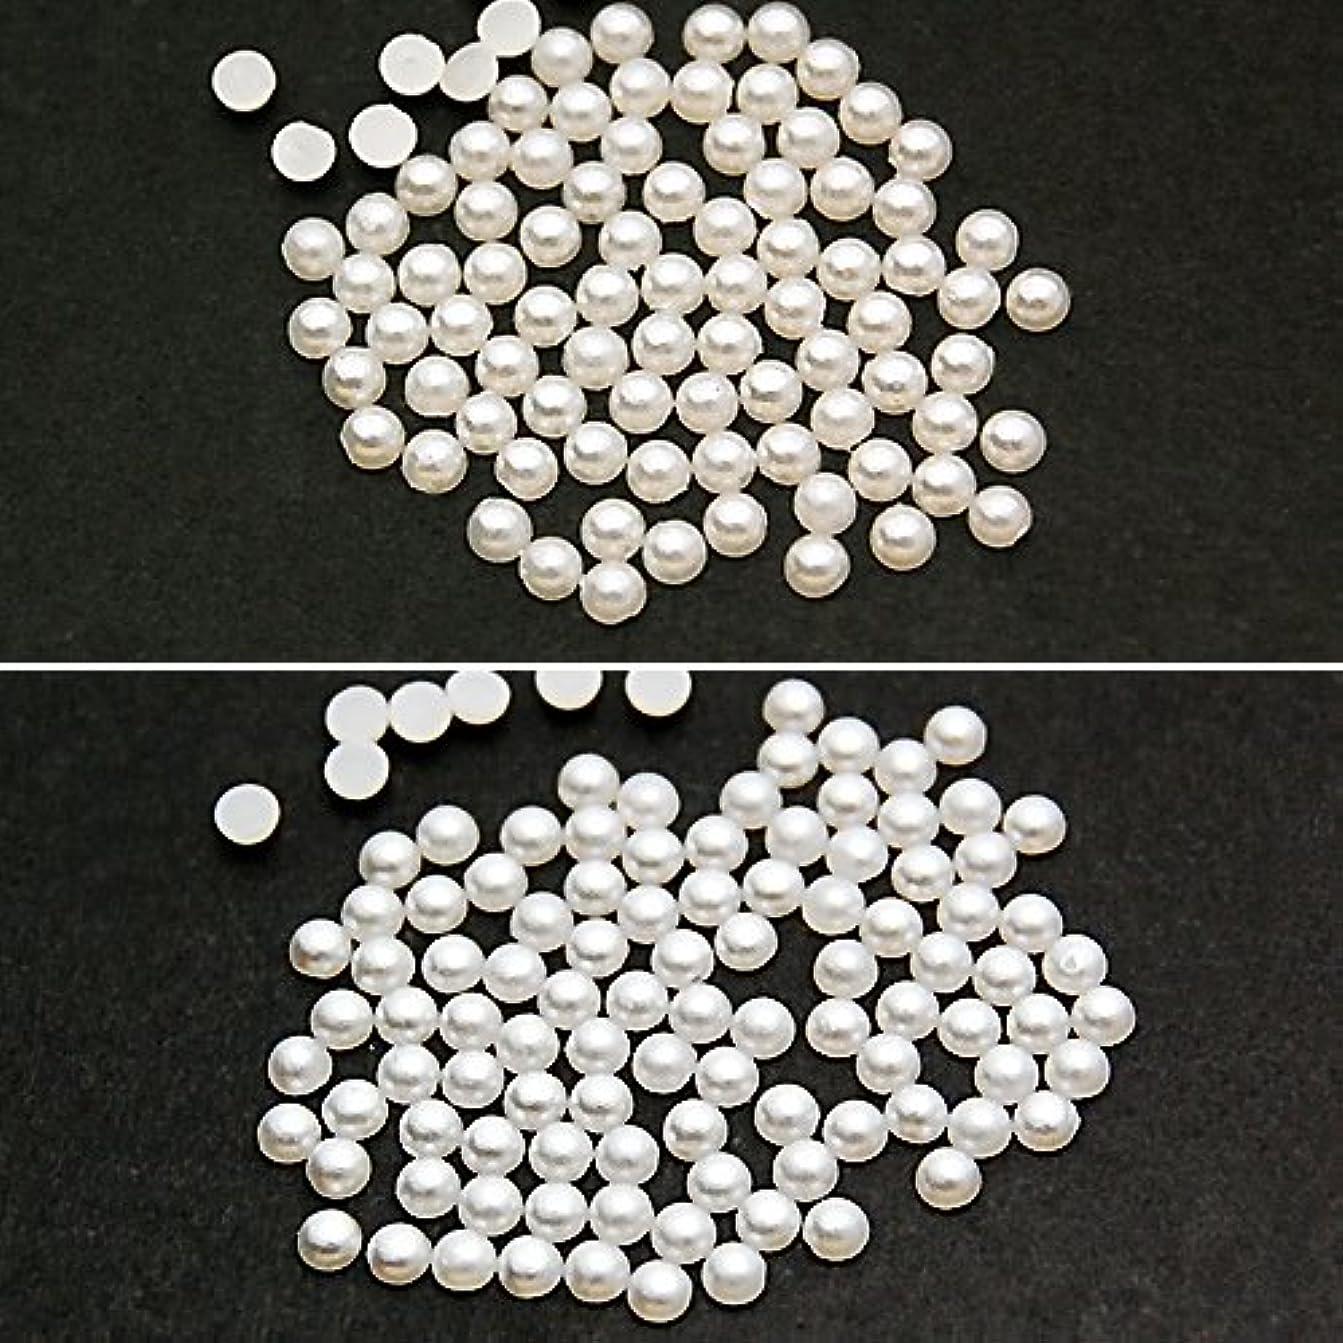 変更民主主義かわいらしいパールストーン 丸半2mm 800粒 ホワイト